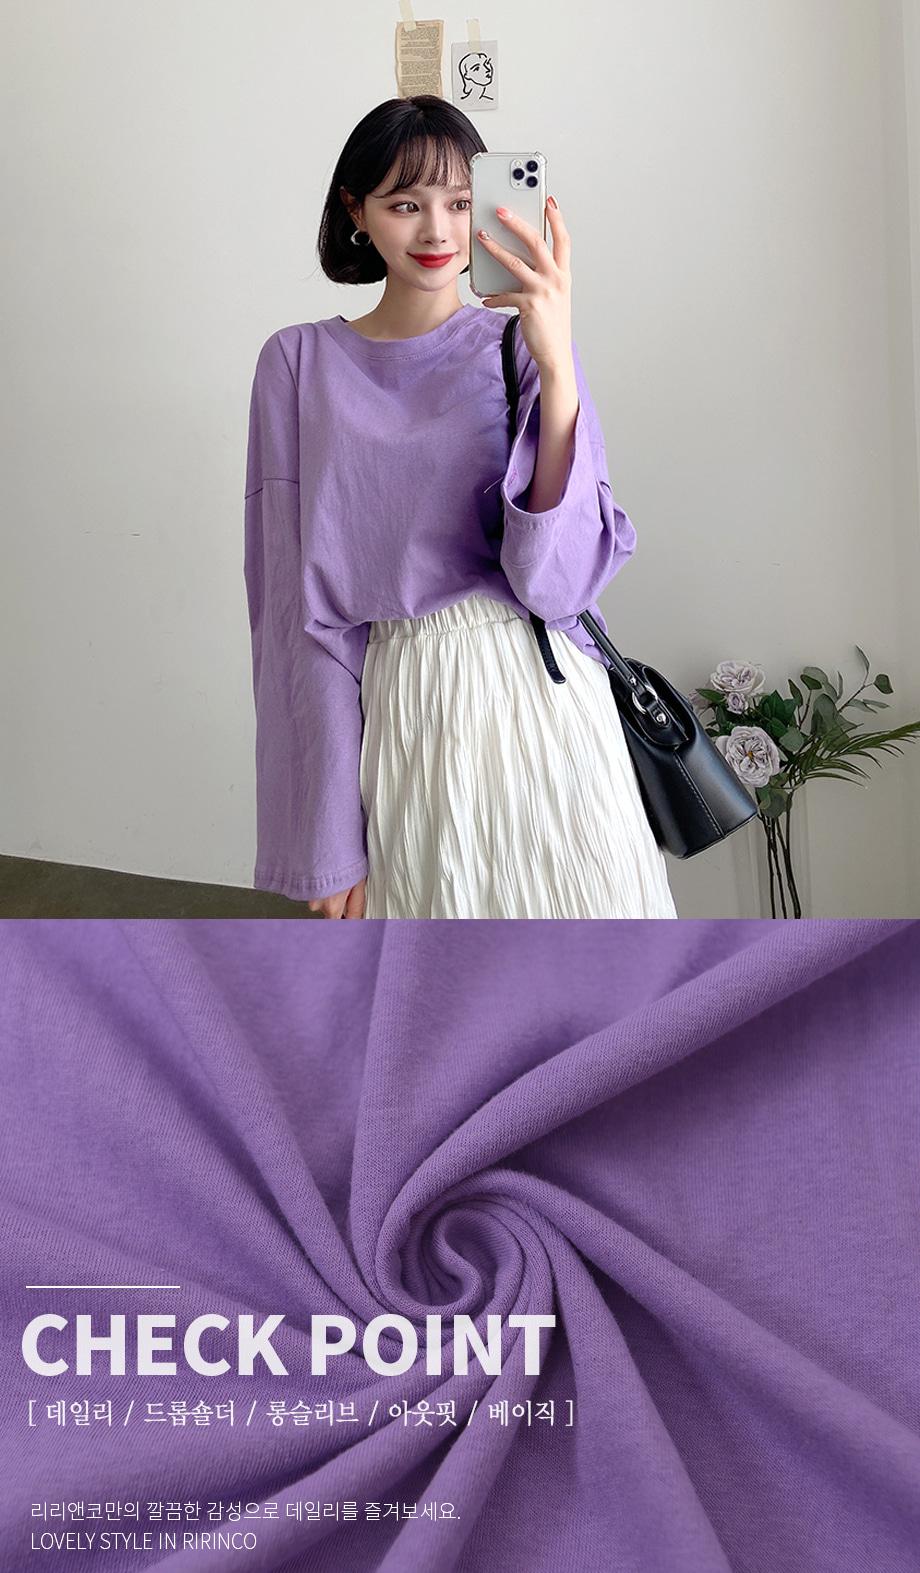 리리앤코 에블데이 라운드 베이직 티셔츠